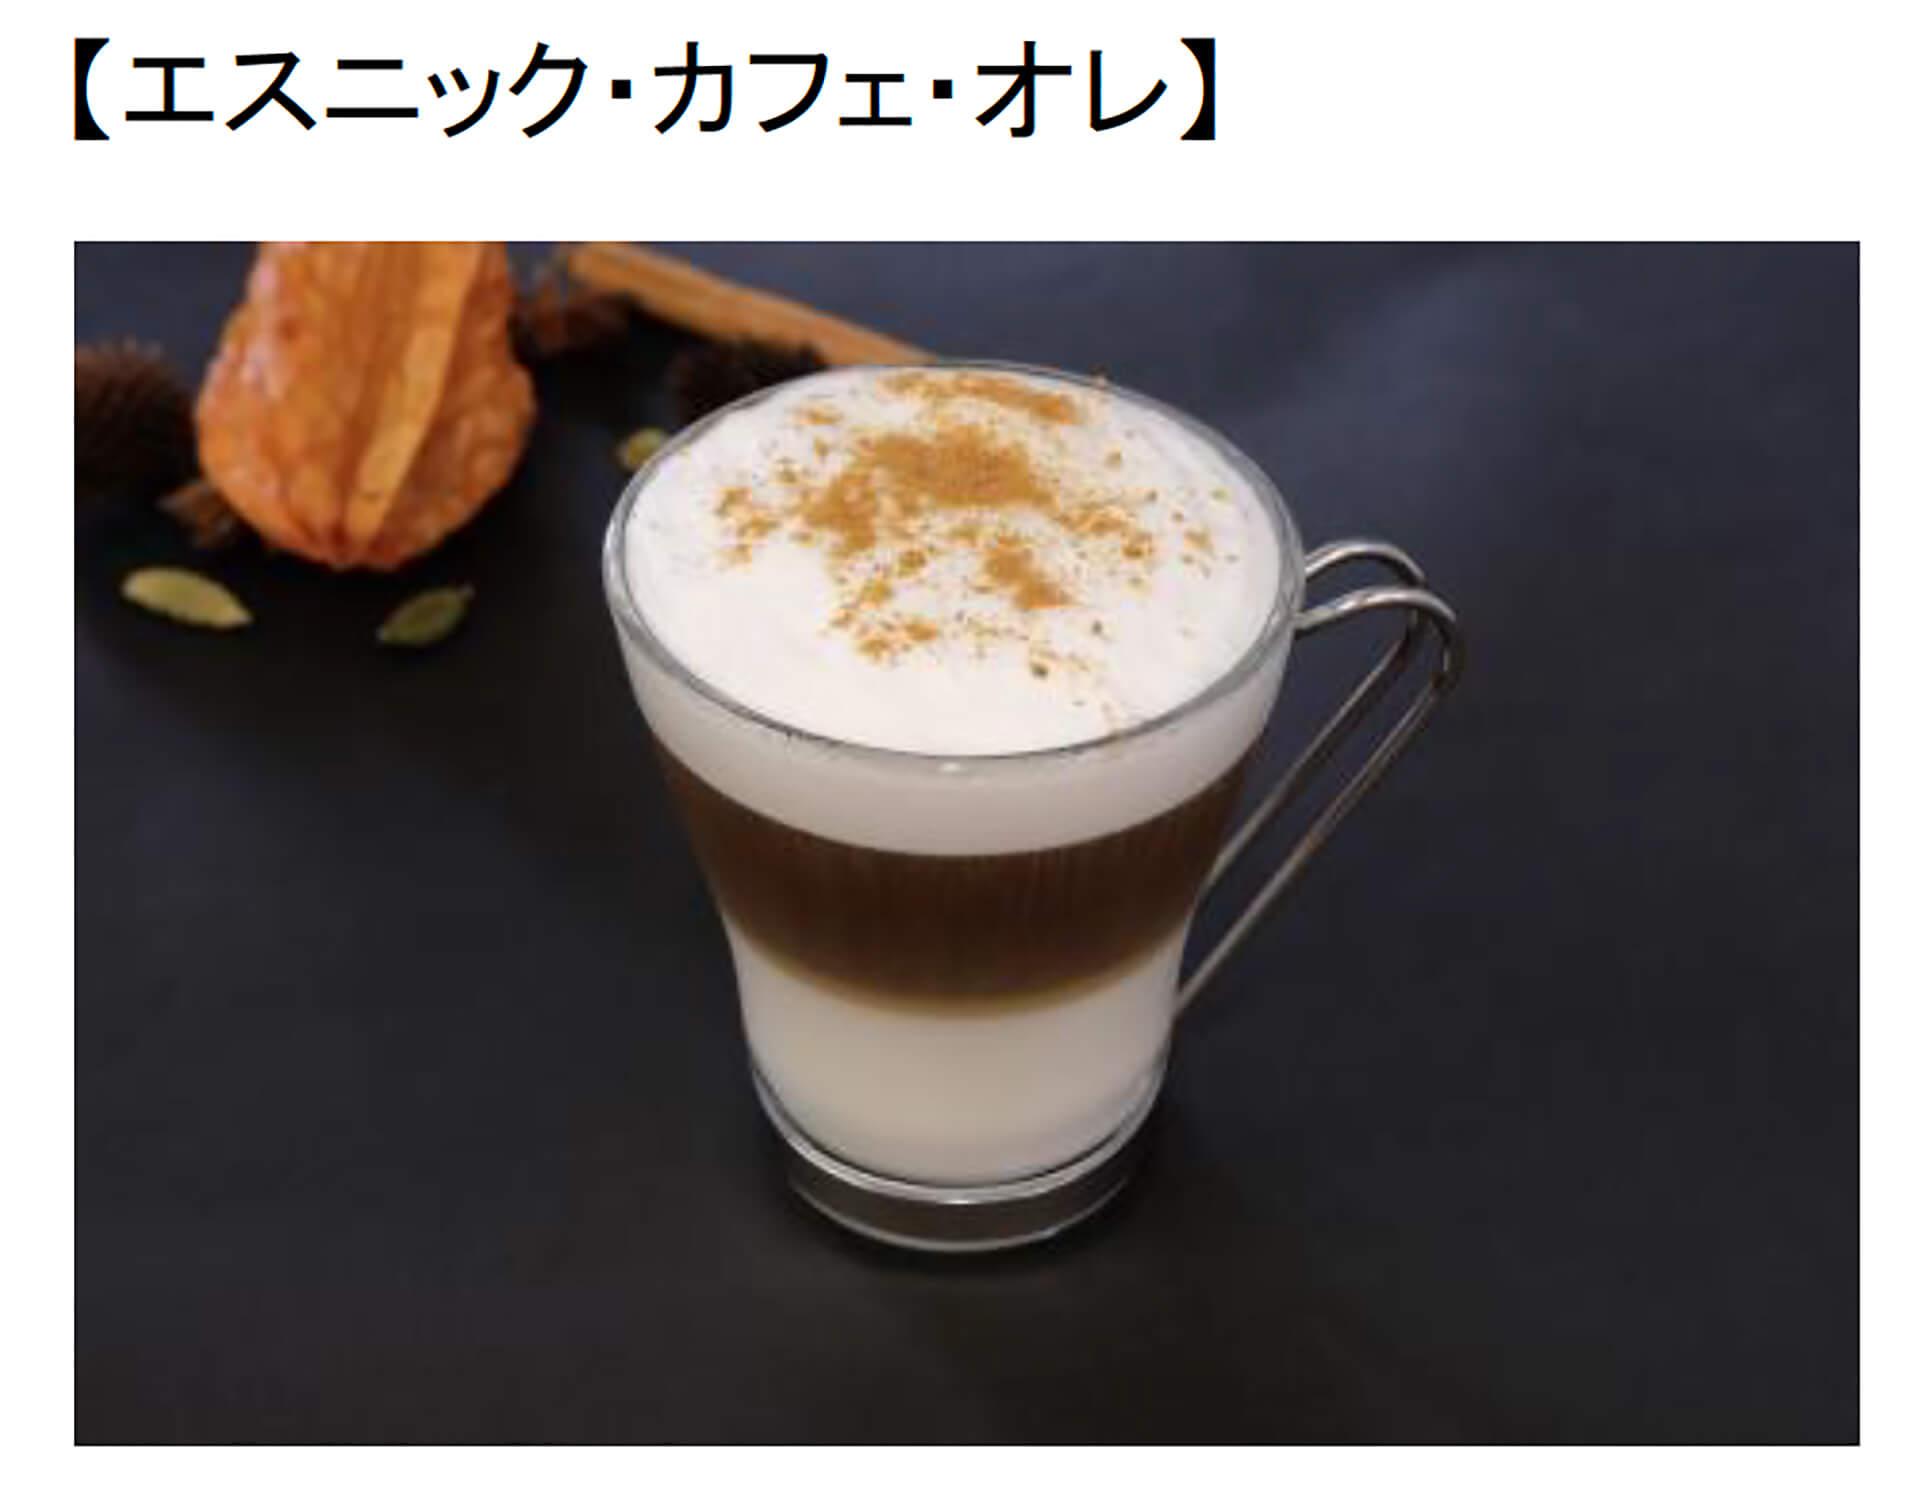 キーコーヒー・秋の夜長ブレンド